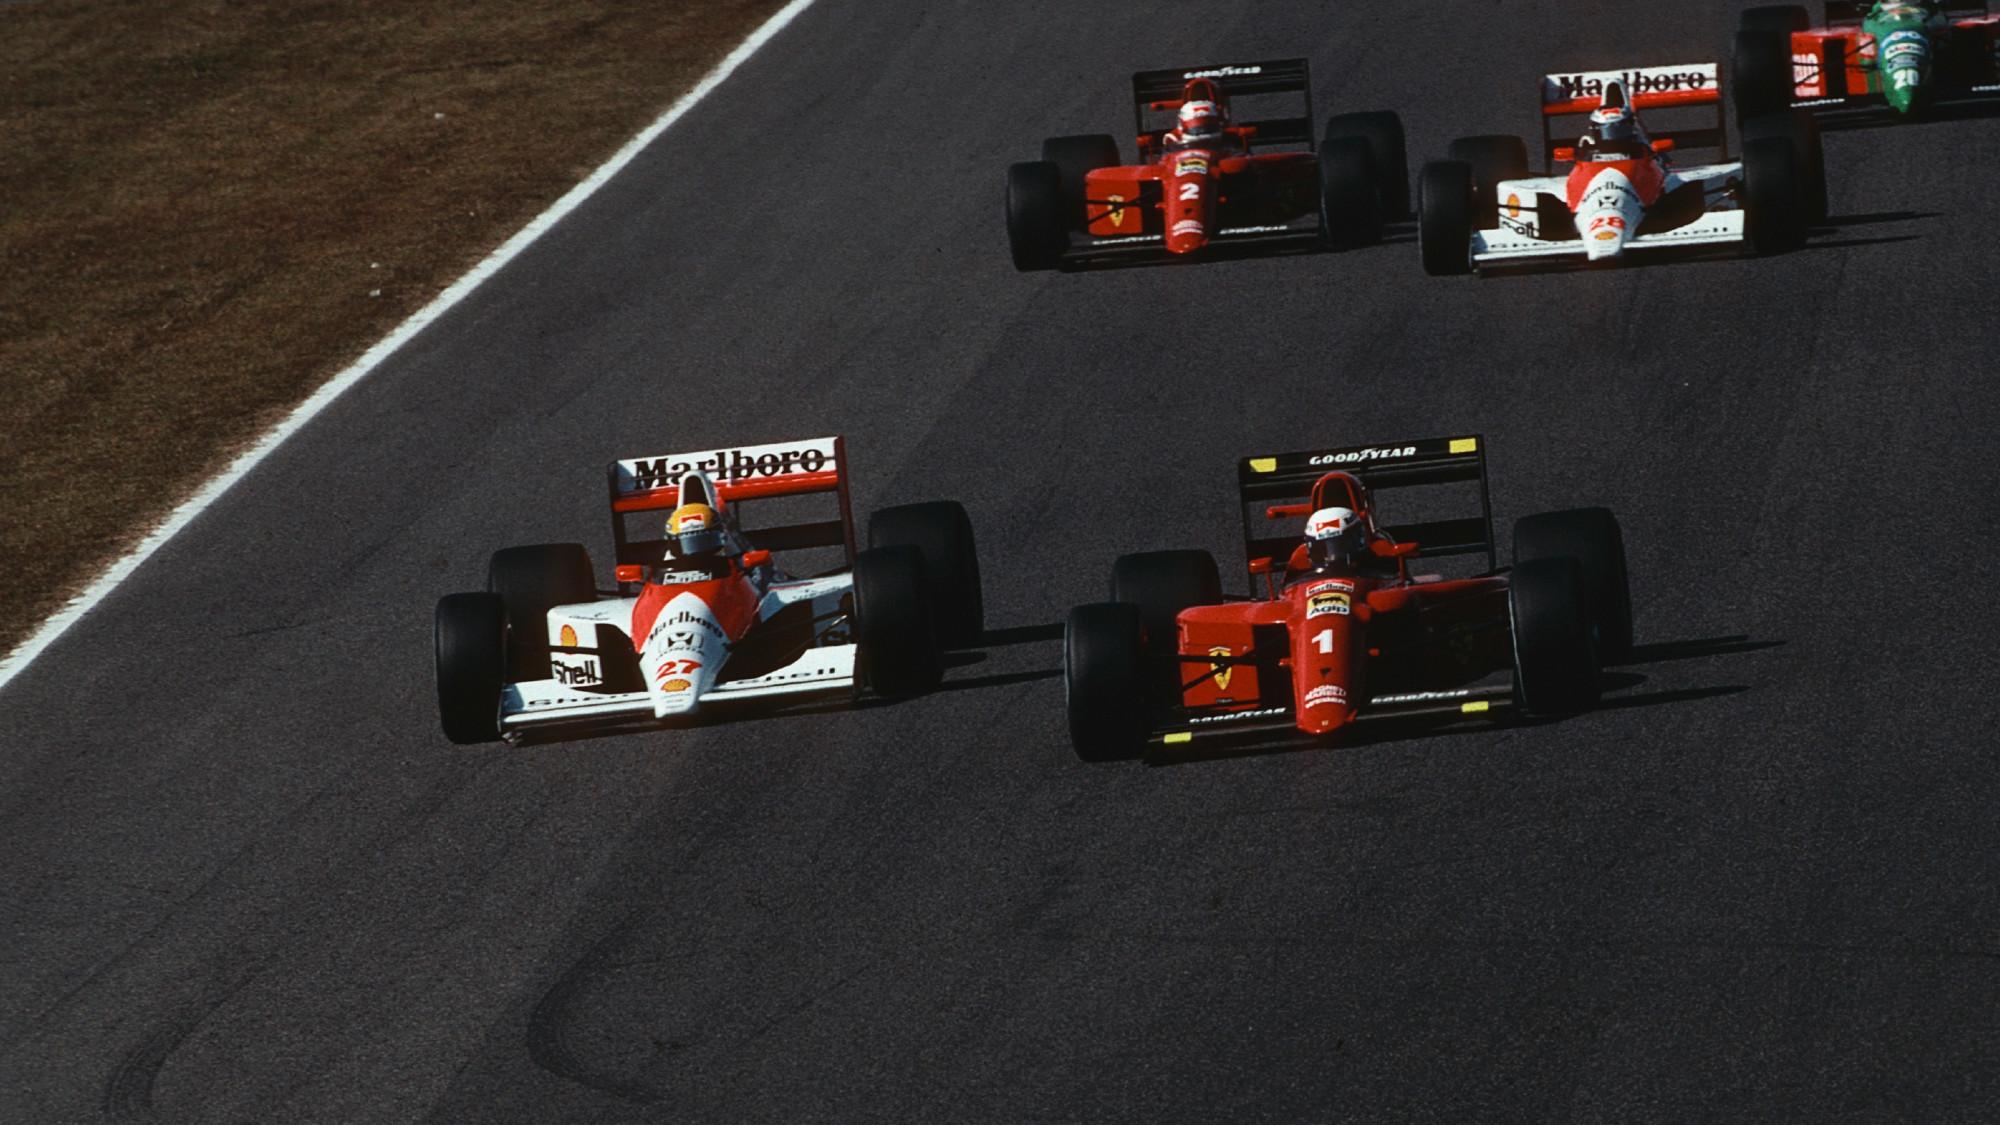 Alain Prost, Ayrton Senna 1990 Japanese GP